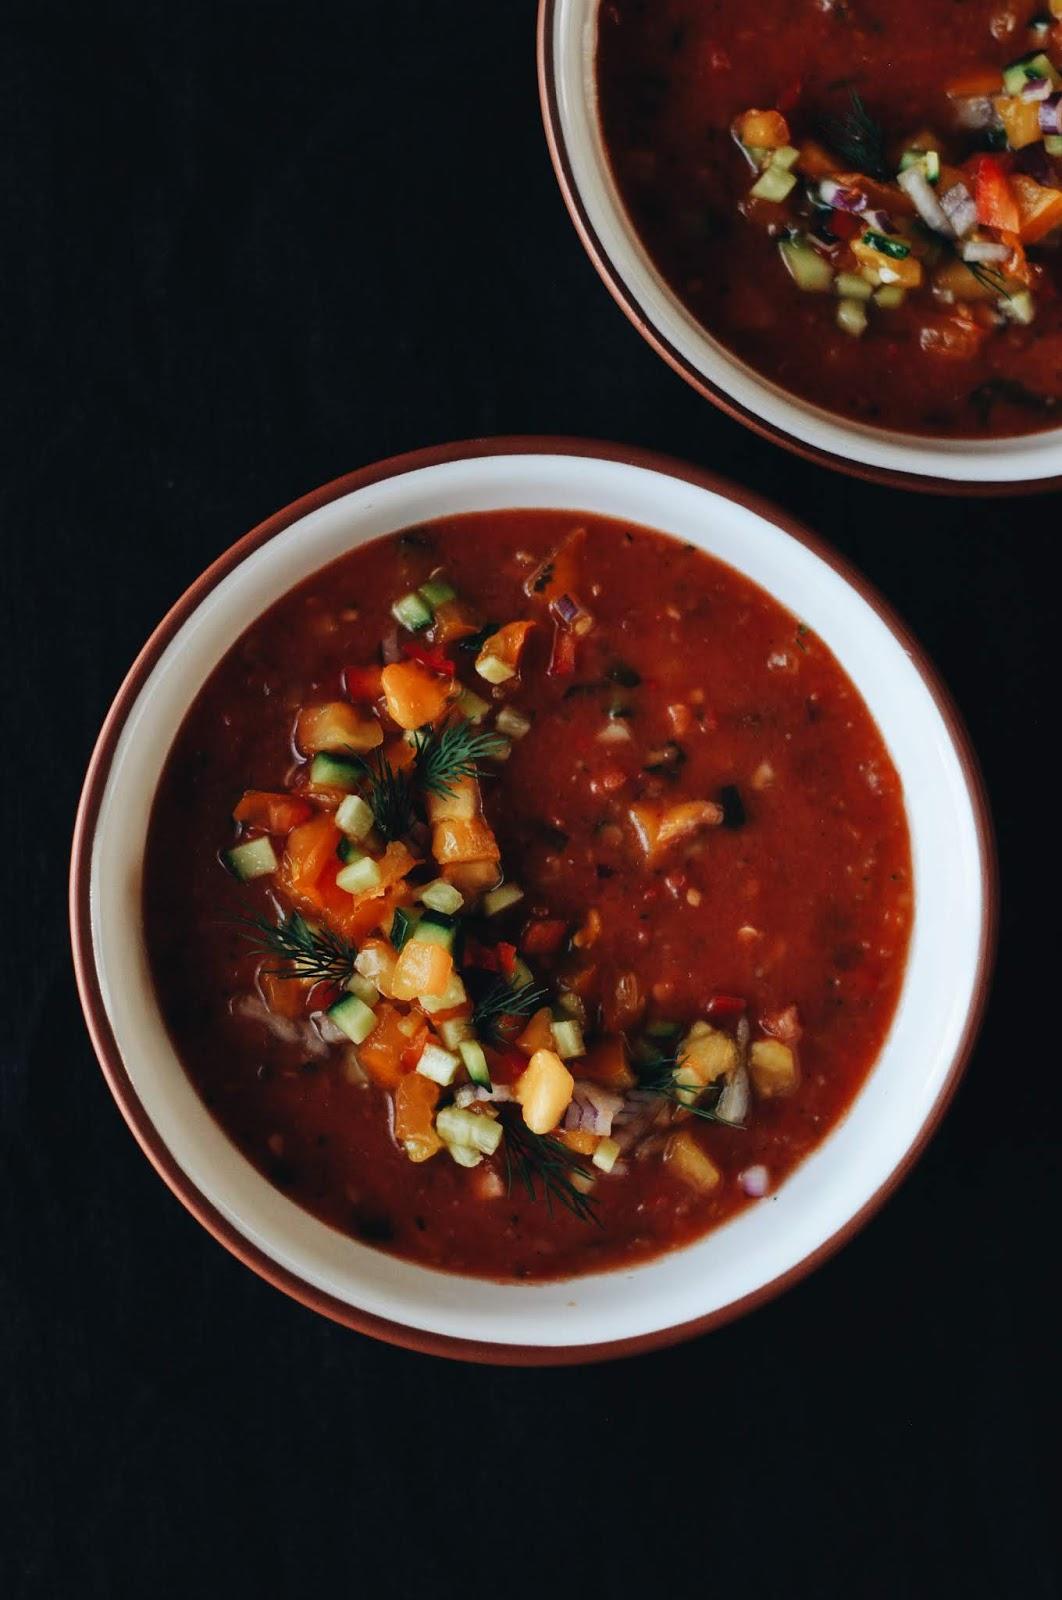 tomātu aukstā zupa: gaspačo - cold tomato soup: gazpacho